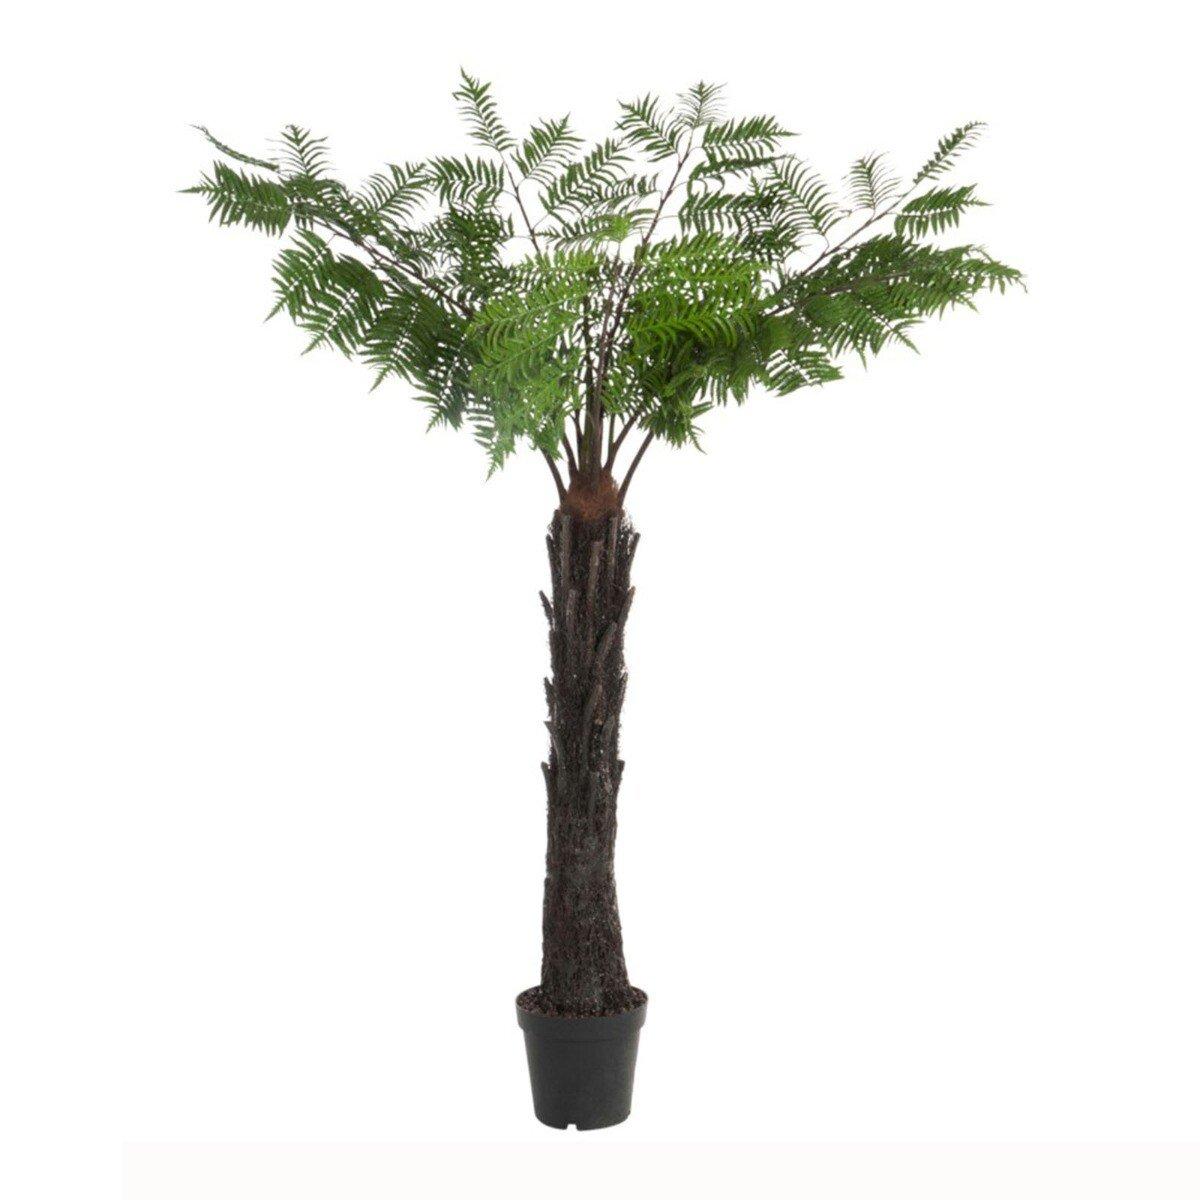 J-Line kunstplant palmboom 190 x 150